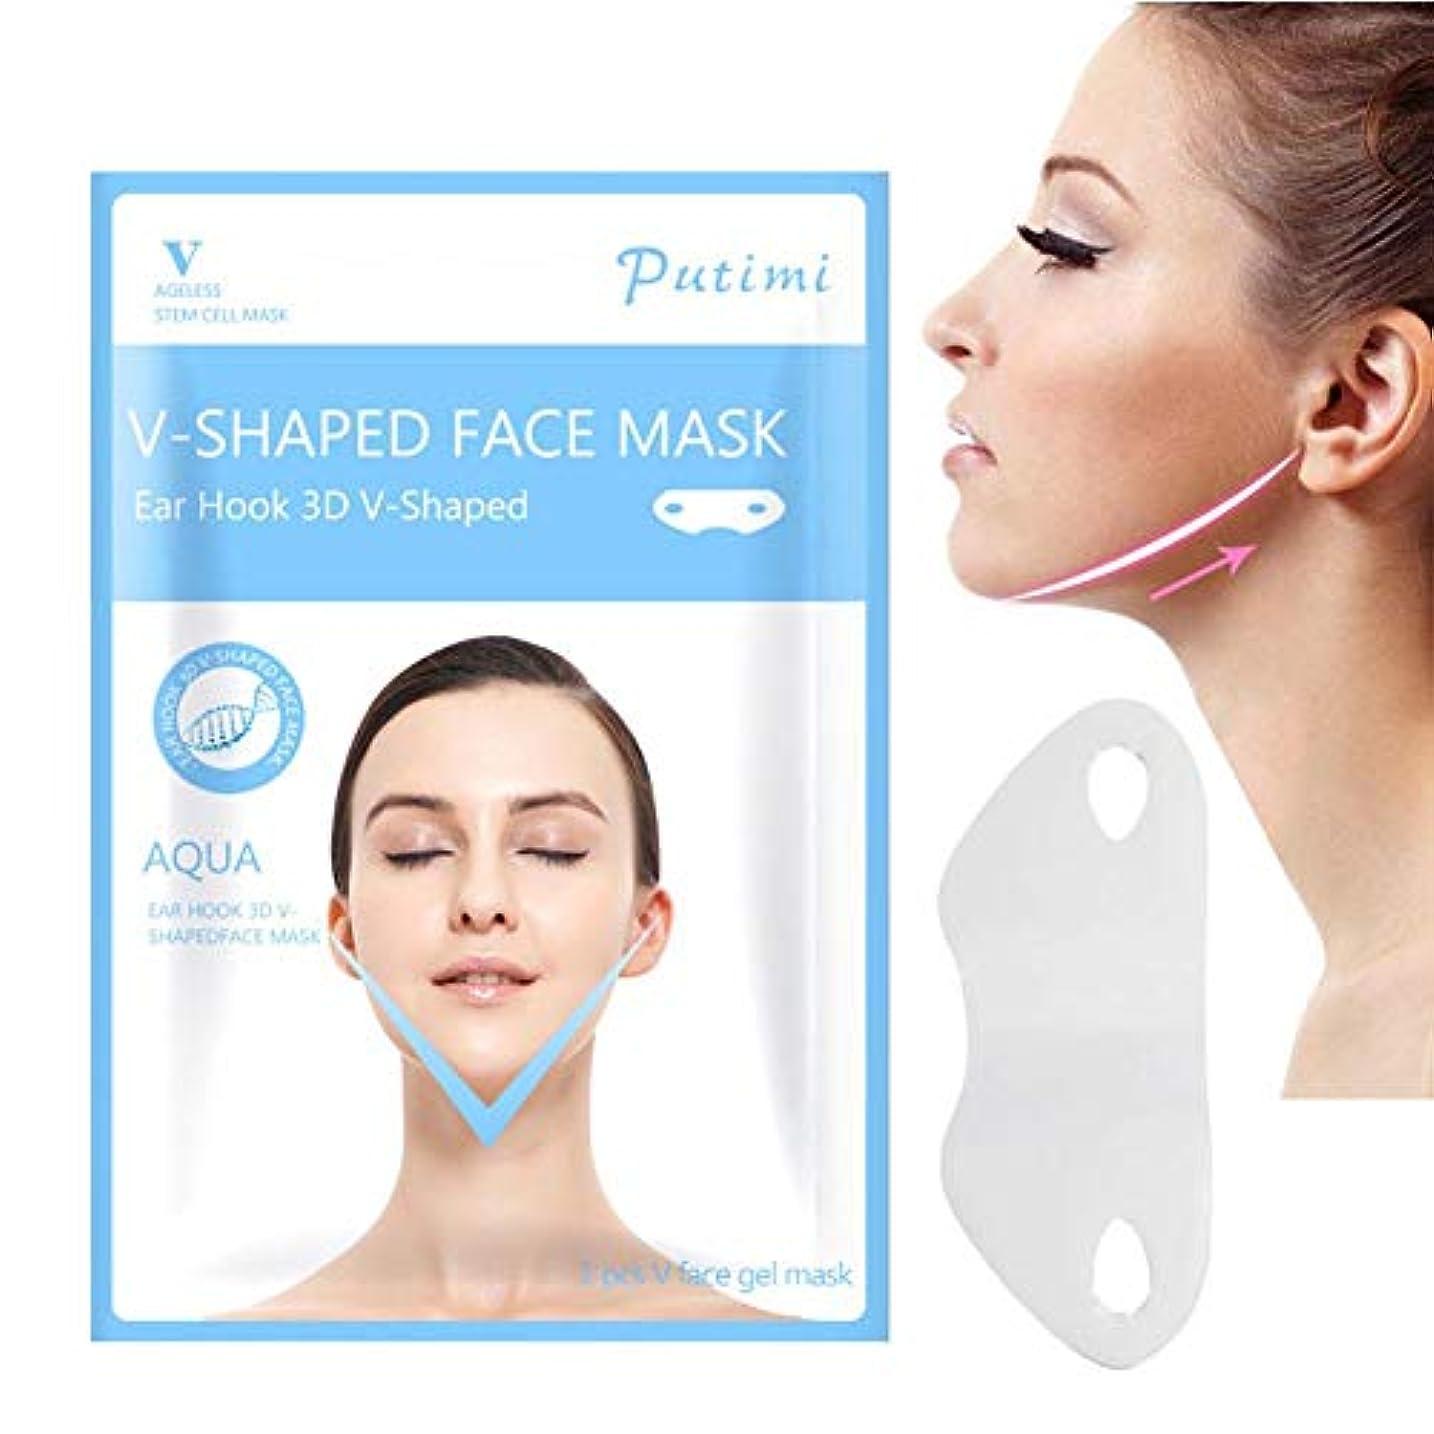 命題購入与えるSILUN 最新型 Vフェイシャルマスク フェイスマスク 小顔 マスク フェイスラインベルト 美顔 顔痩せ 保湿 血行を促進する 睡眠マスク